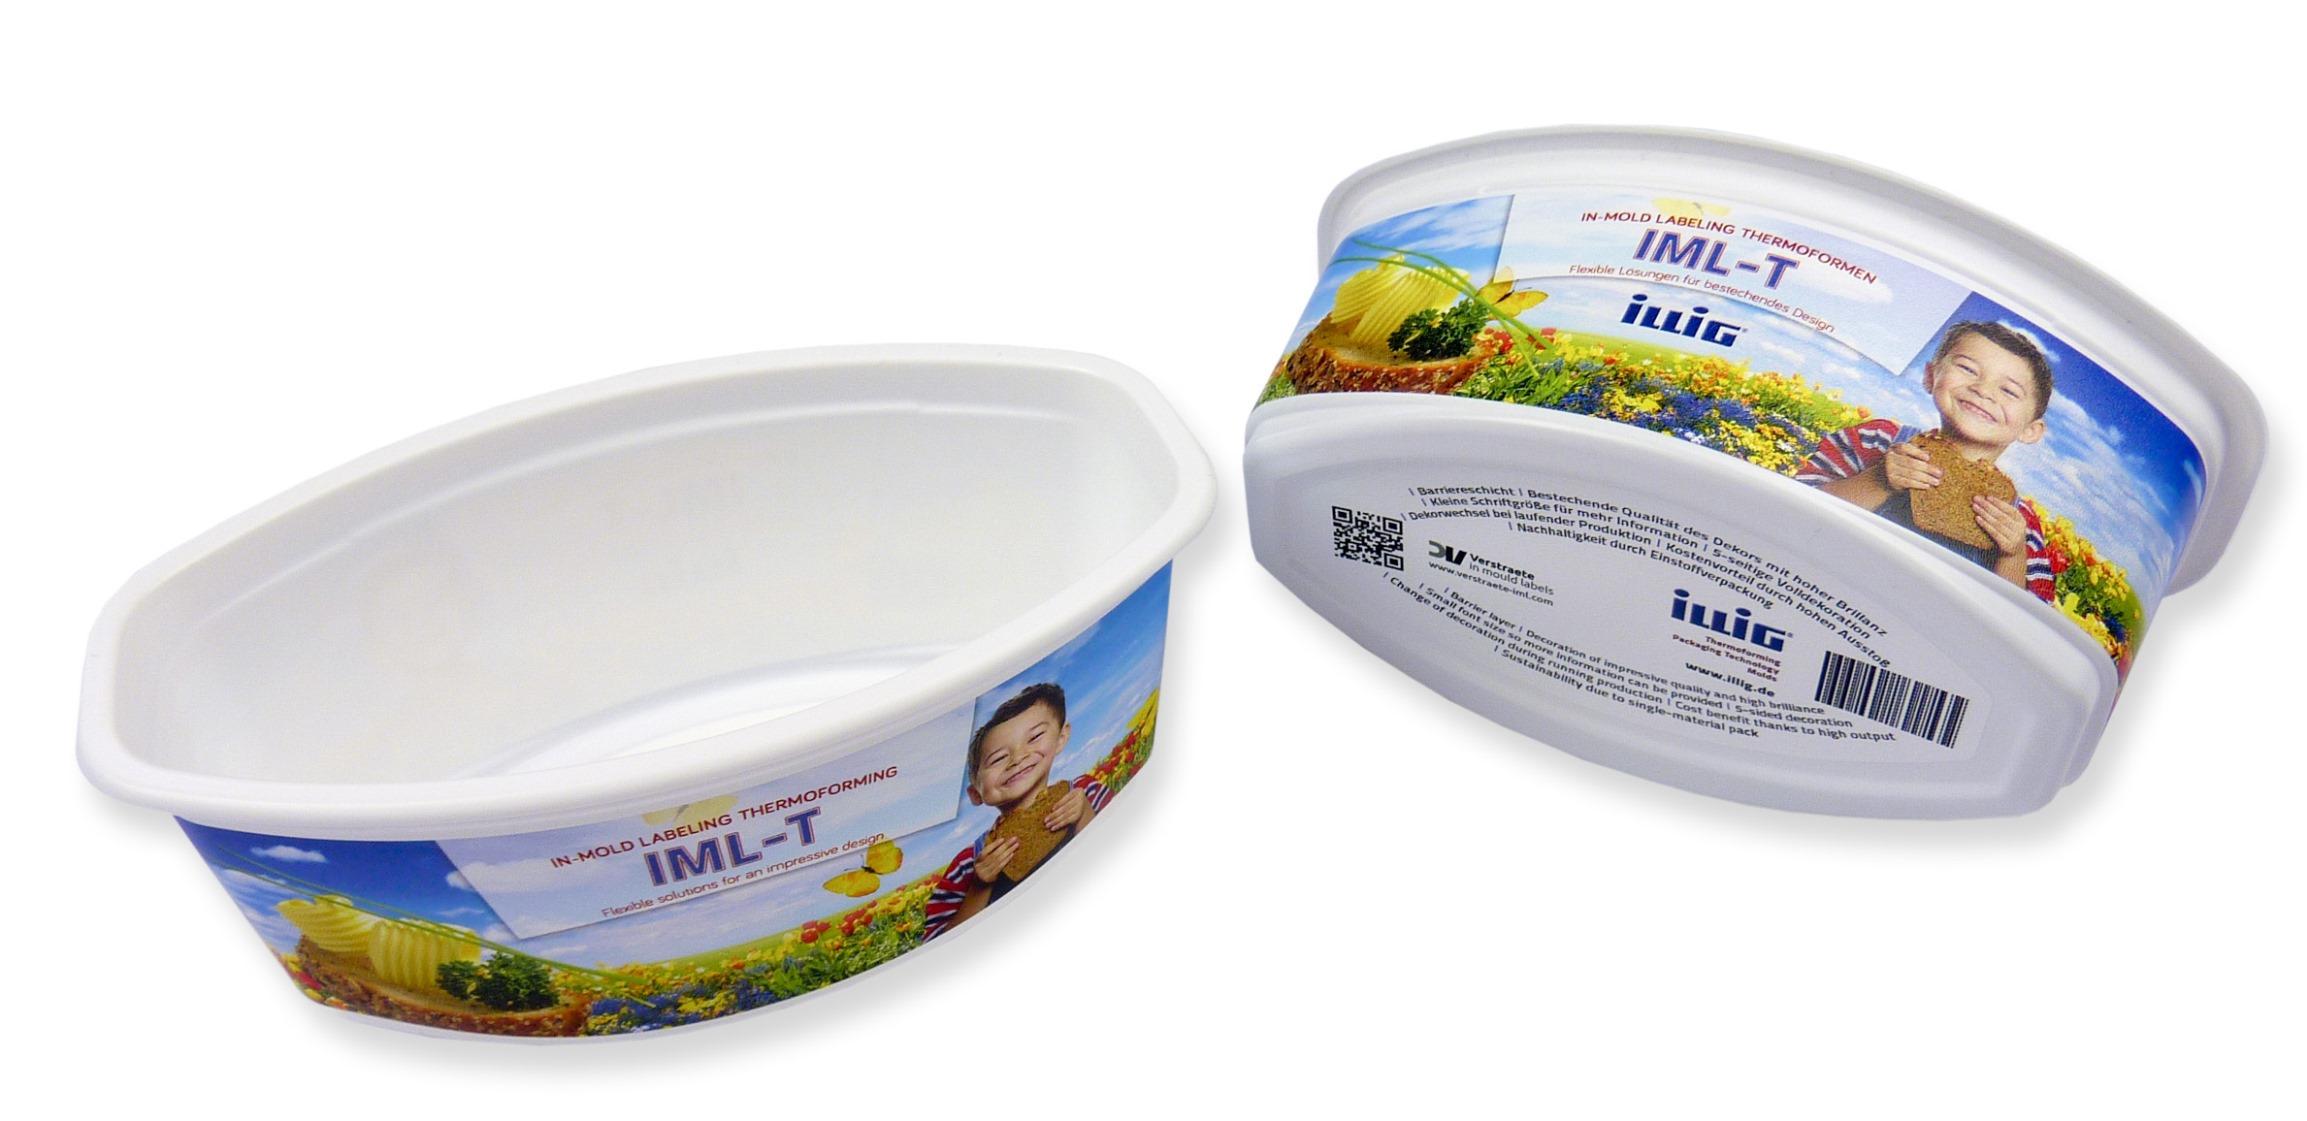 IML-T-dekorierte Becher mit Barriere-Schicht schützen den Inhalt z. B. vor UV- und Sauerstoffeinfluss und verlängern die Haltbarkeit.